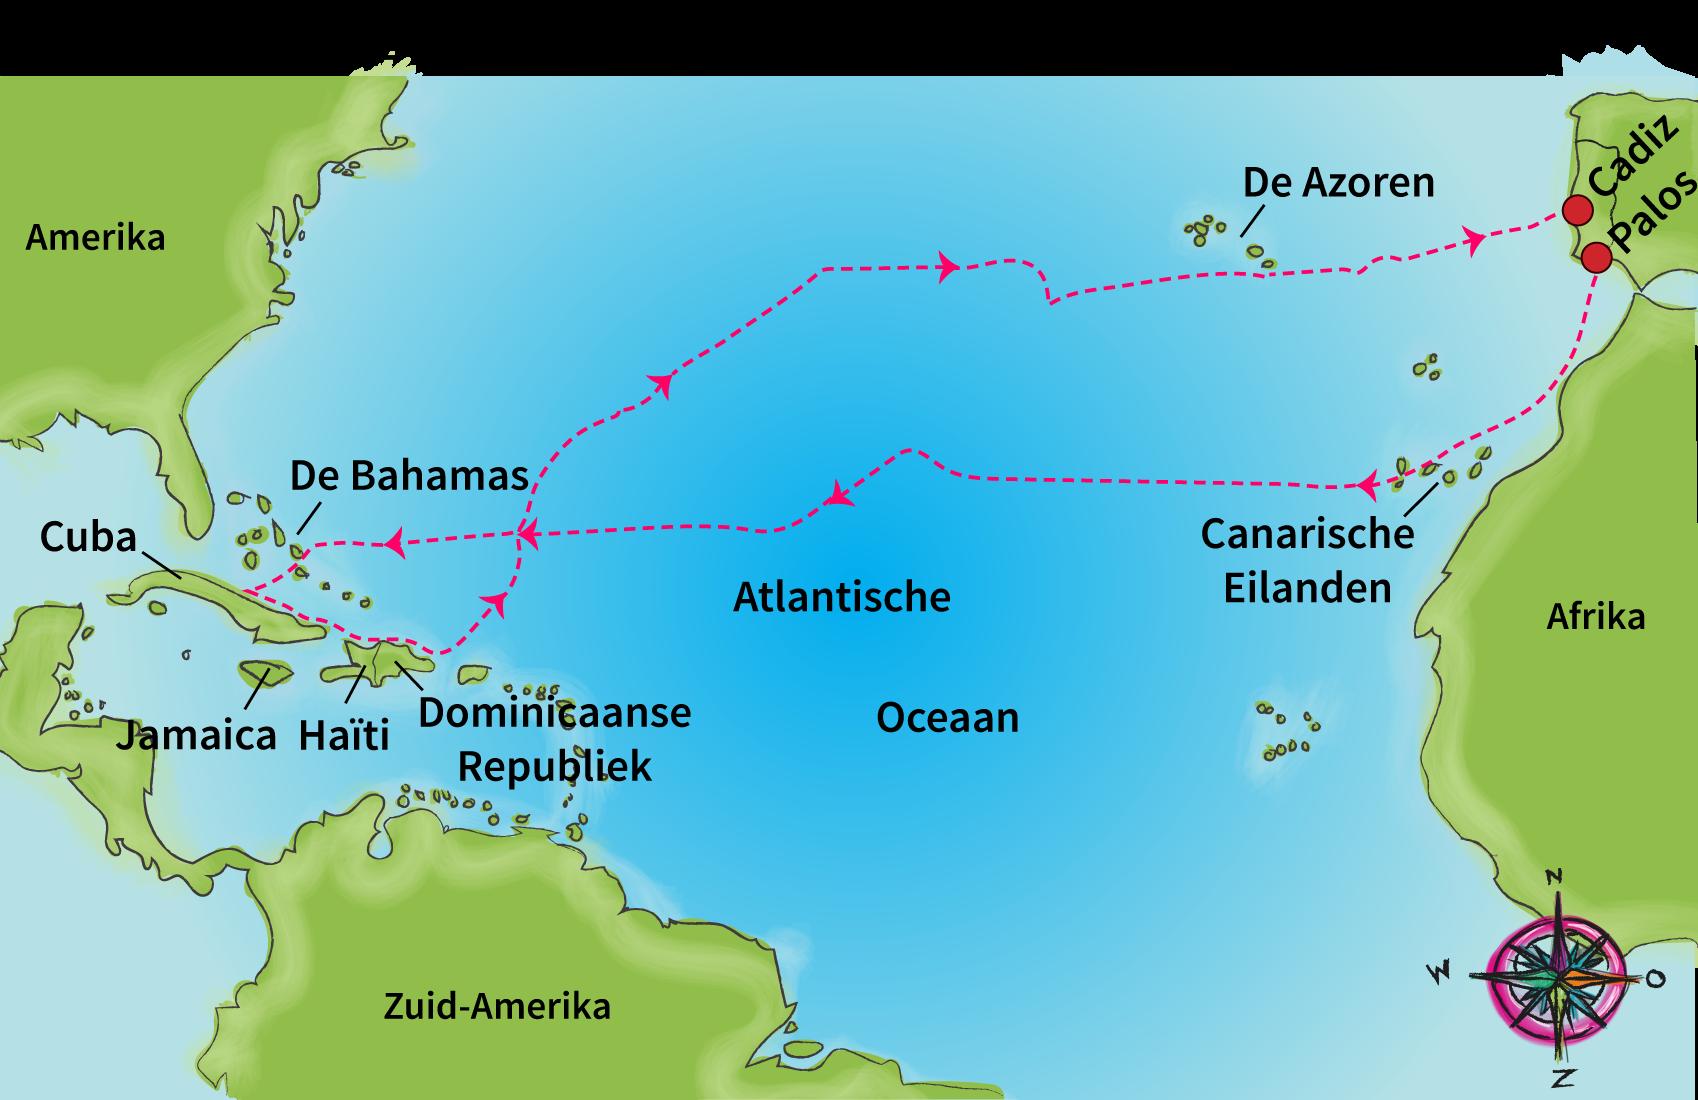 Tijd van ontdekkers en hervormers - Eerste reis van columbus